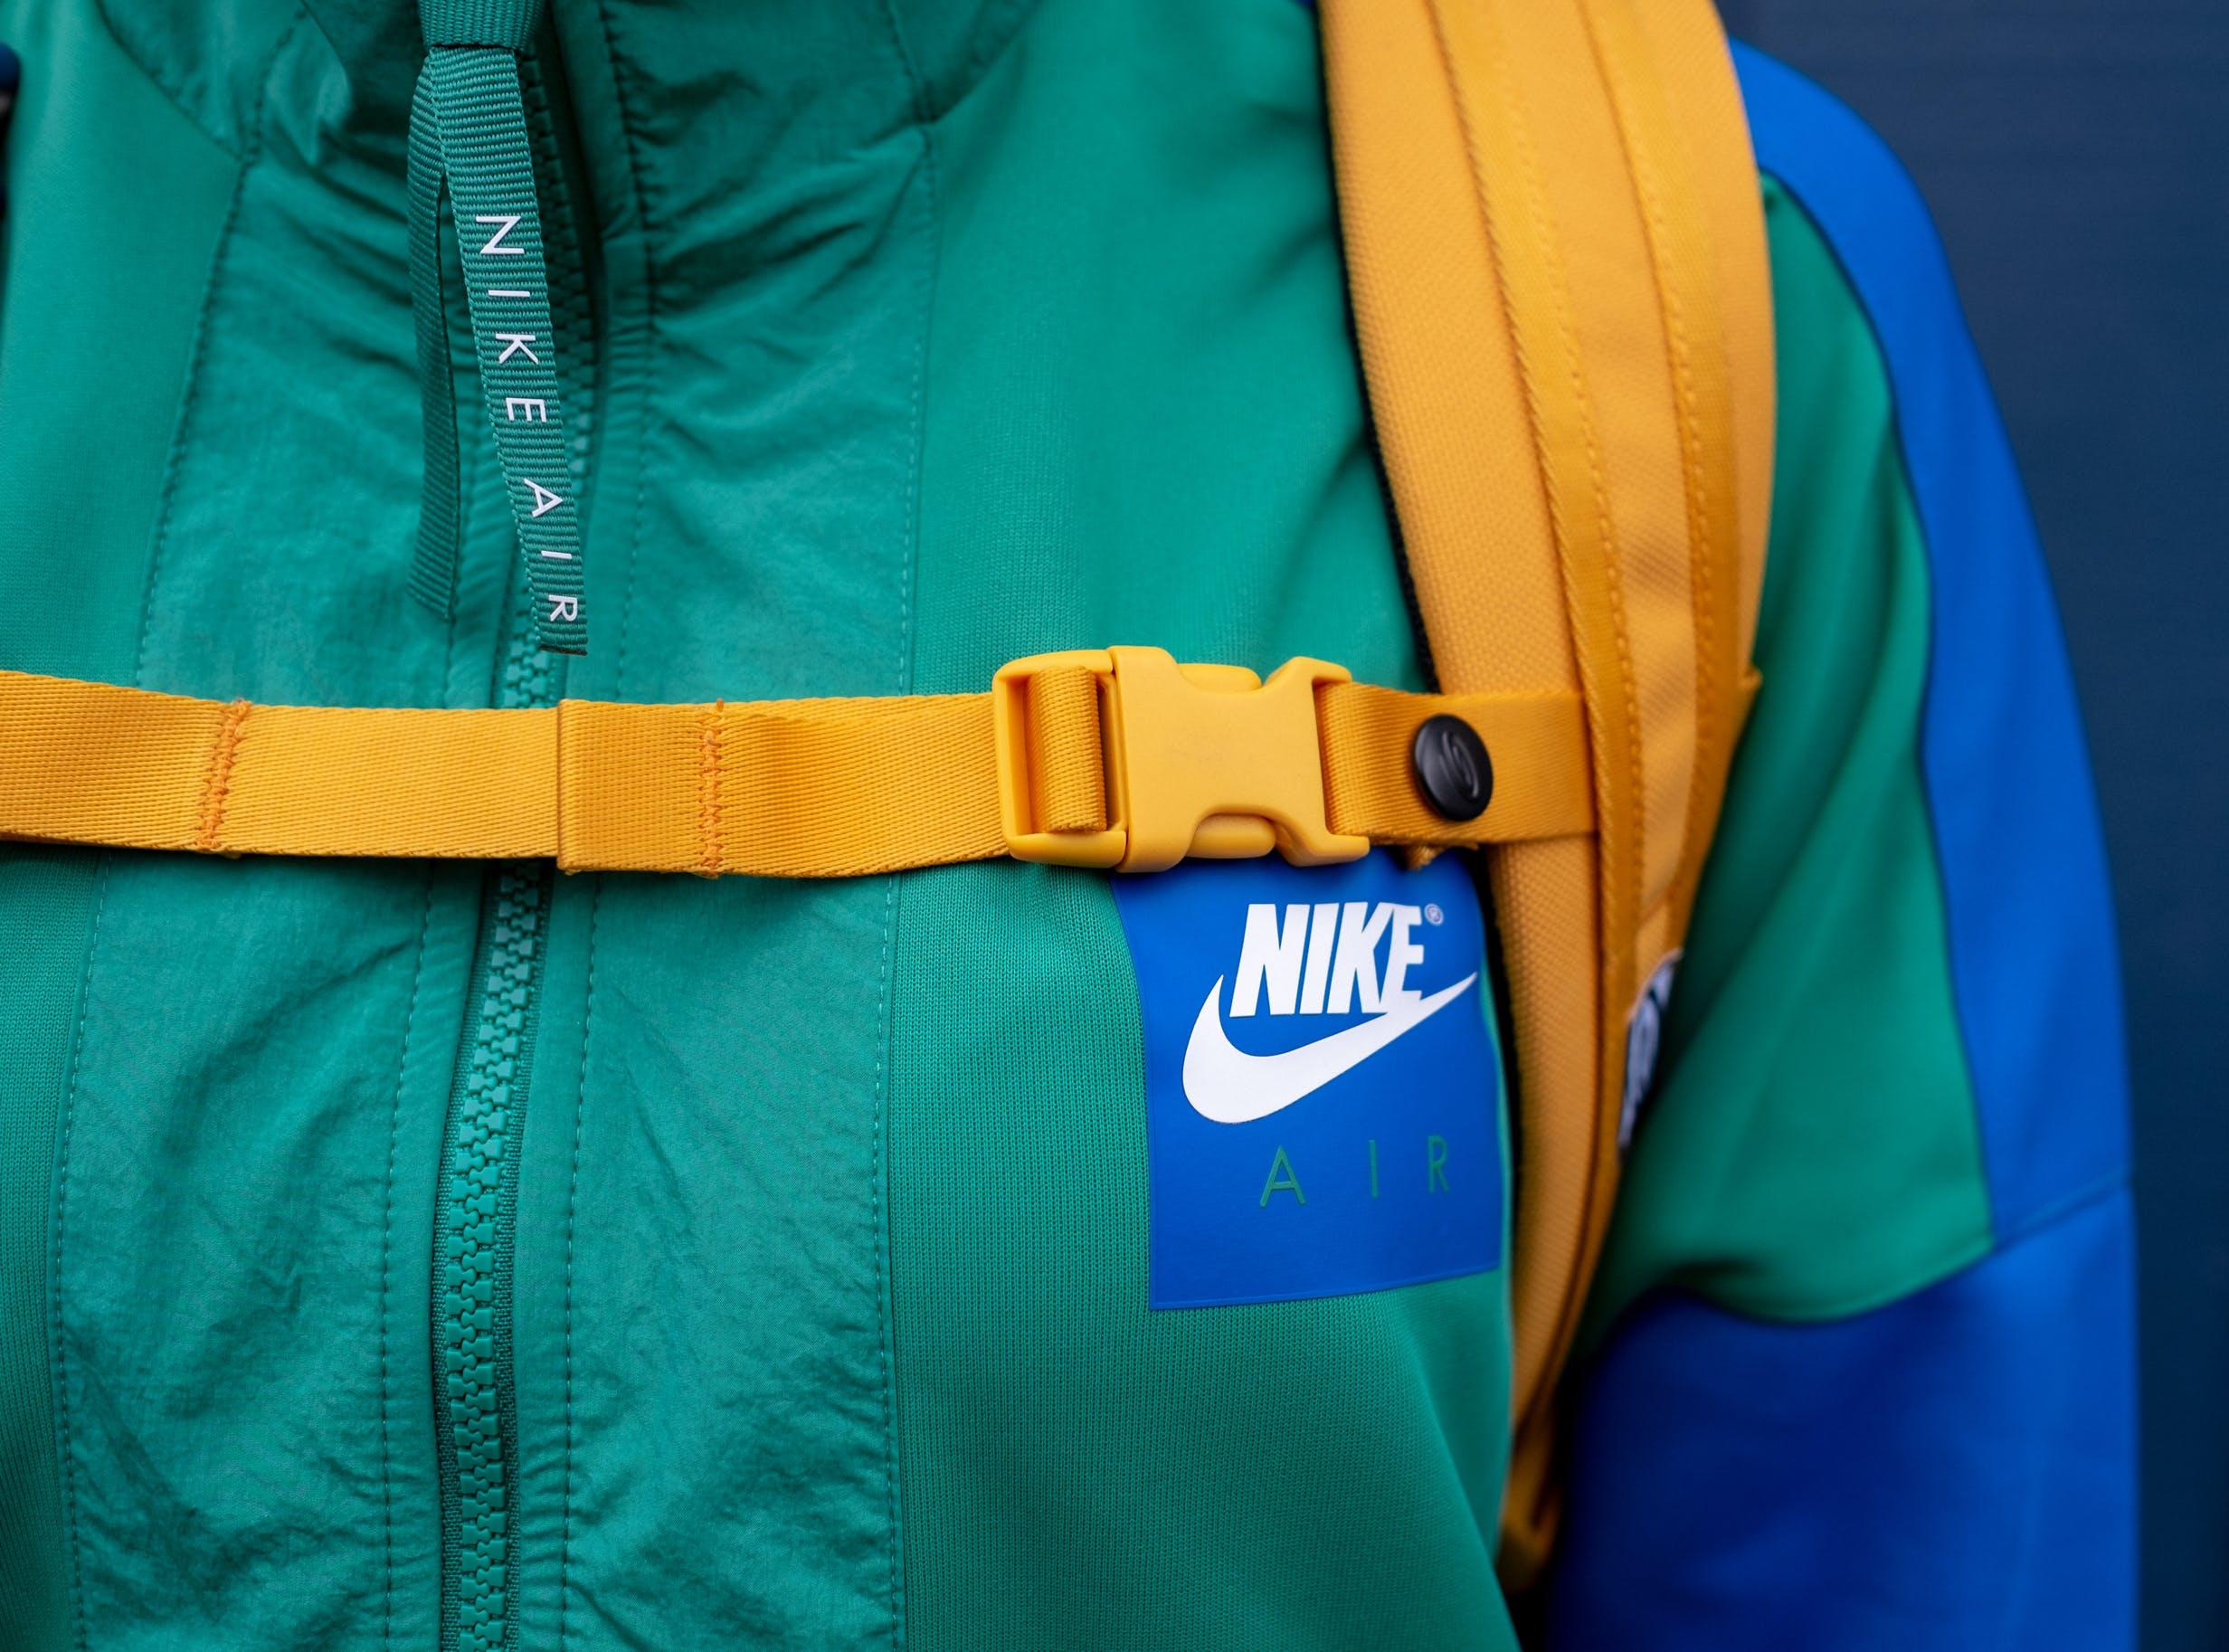 Gratis stockfoto met backpack, band, binnen, blauw